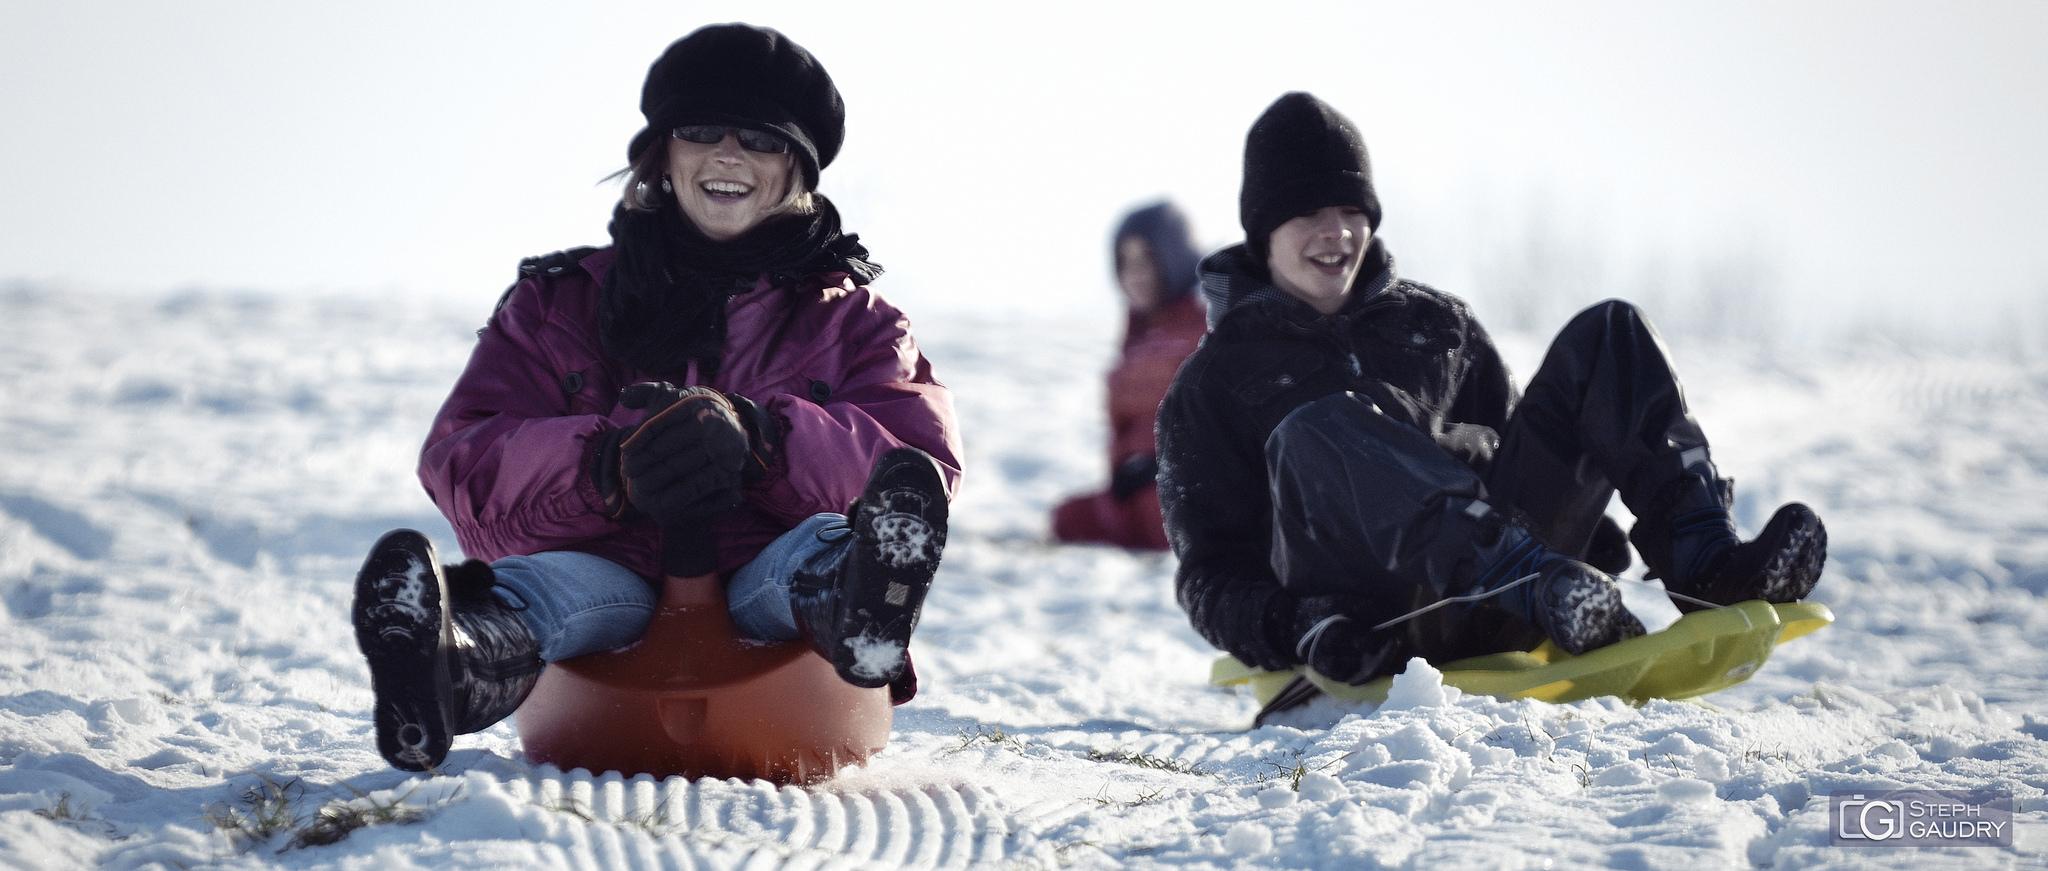 Snow sled races [Cliquez pour lancer le diaporama]